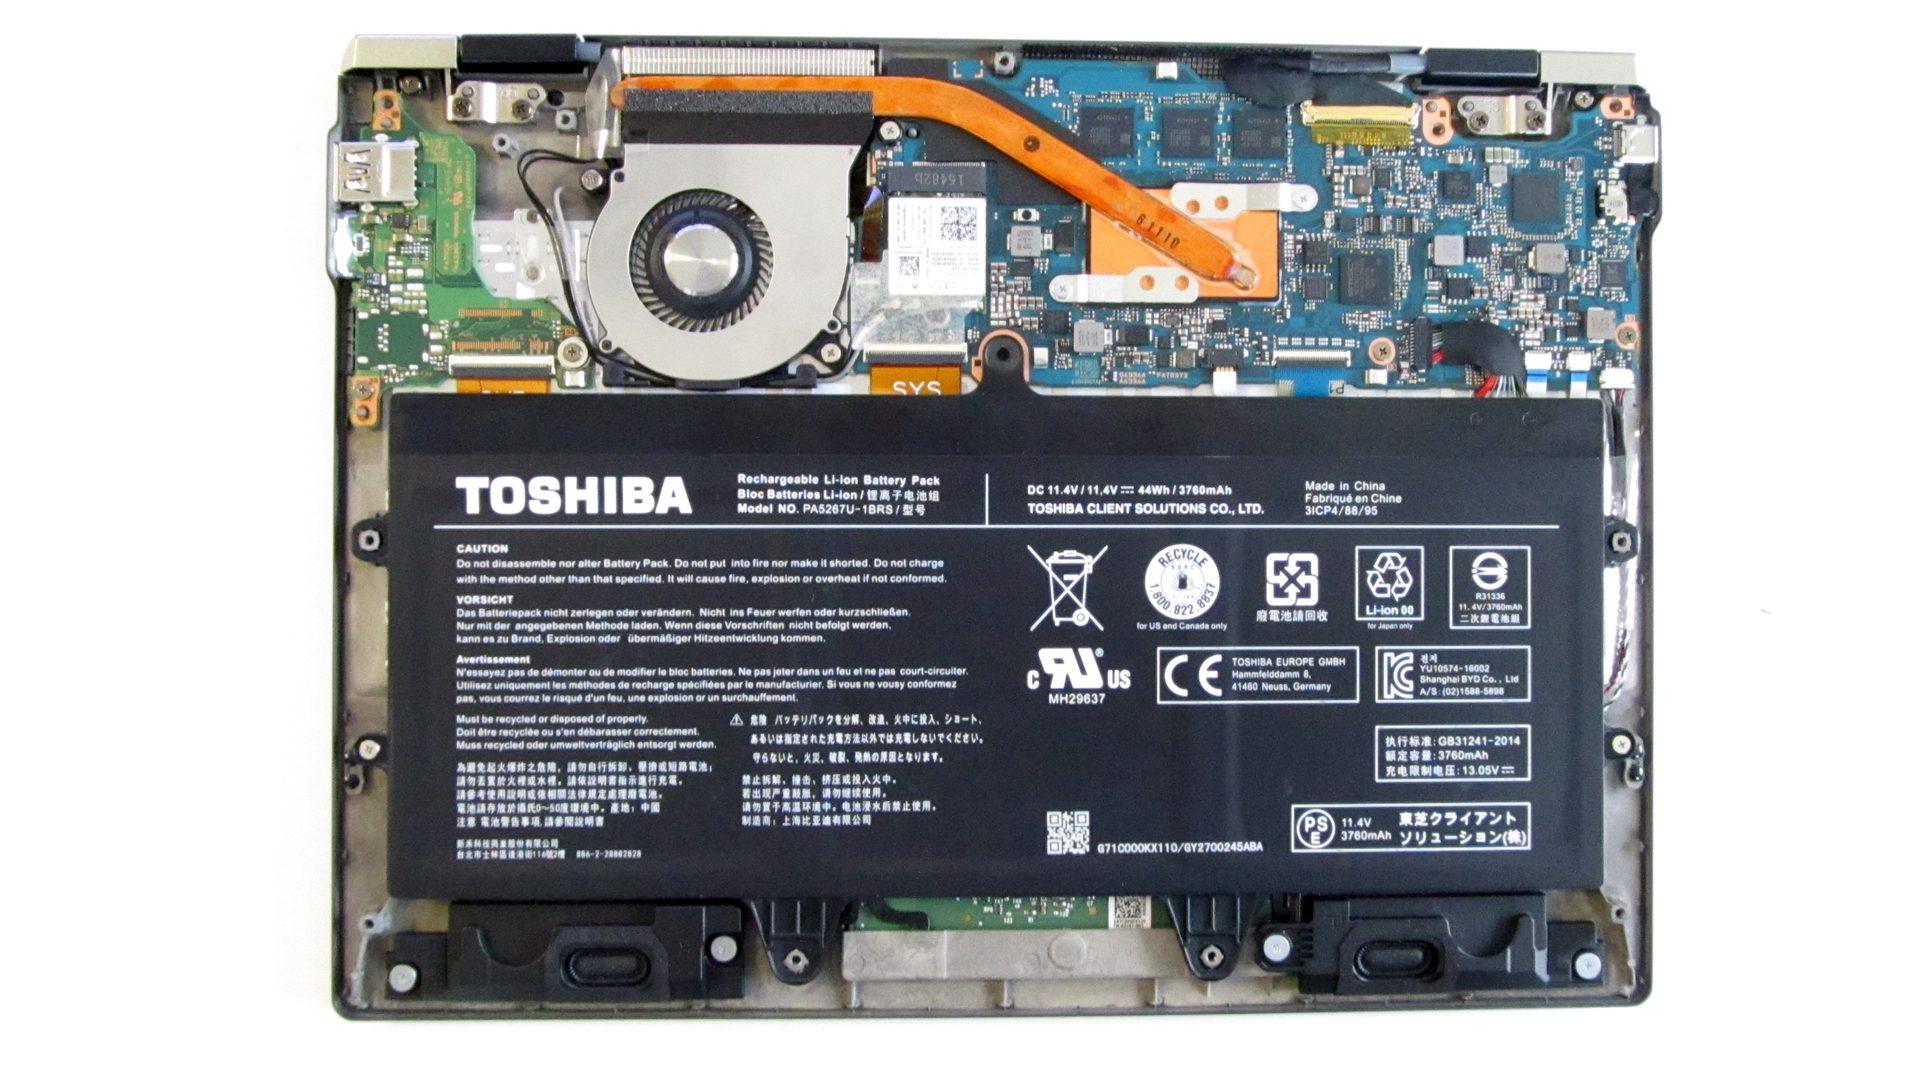 Toshiba_Portégé X20W Innen_1